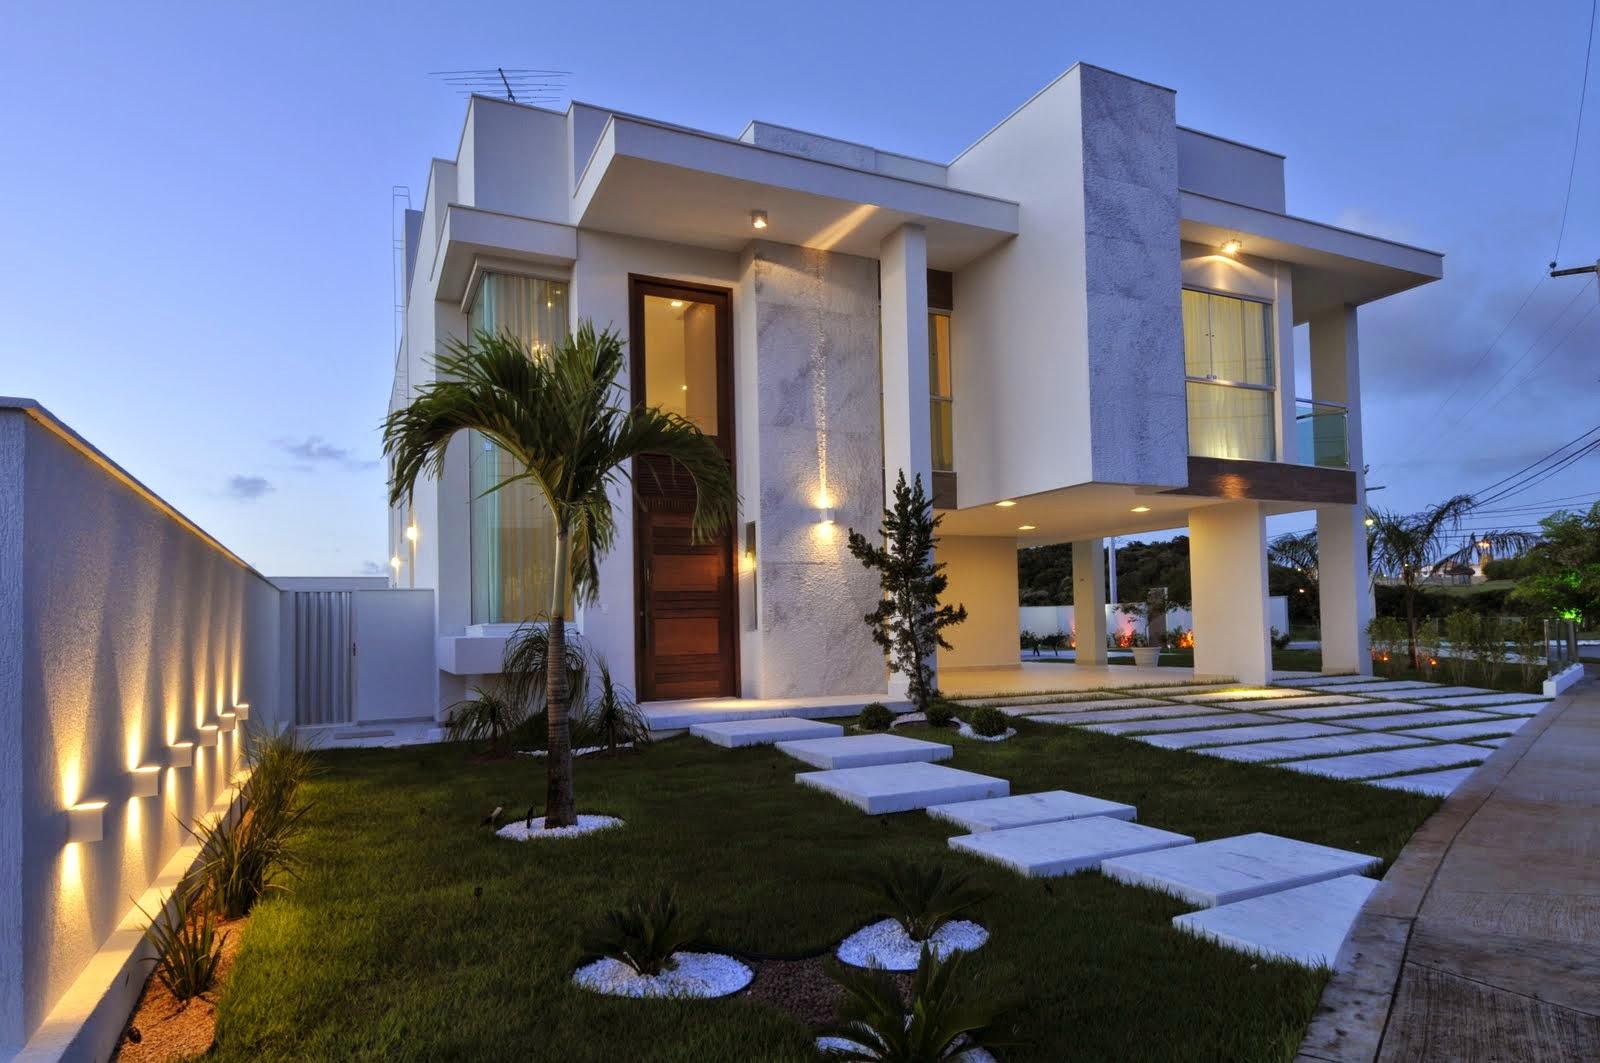 Fachadas modernas linhas retas e simplicidade celina - Distribuciones de casas modernas ...